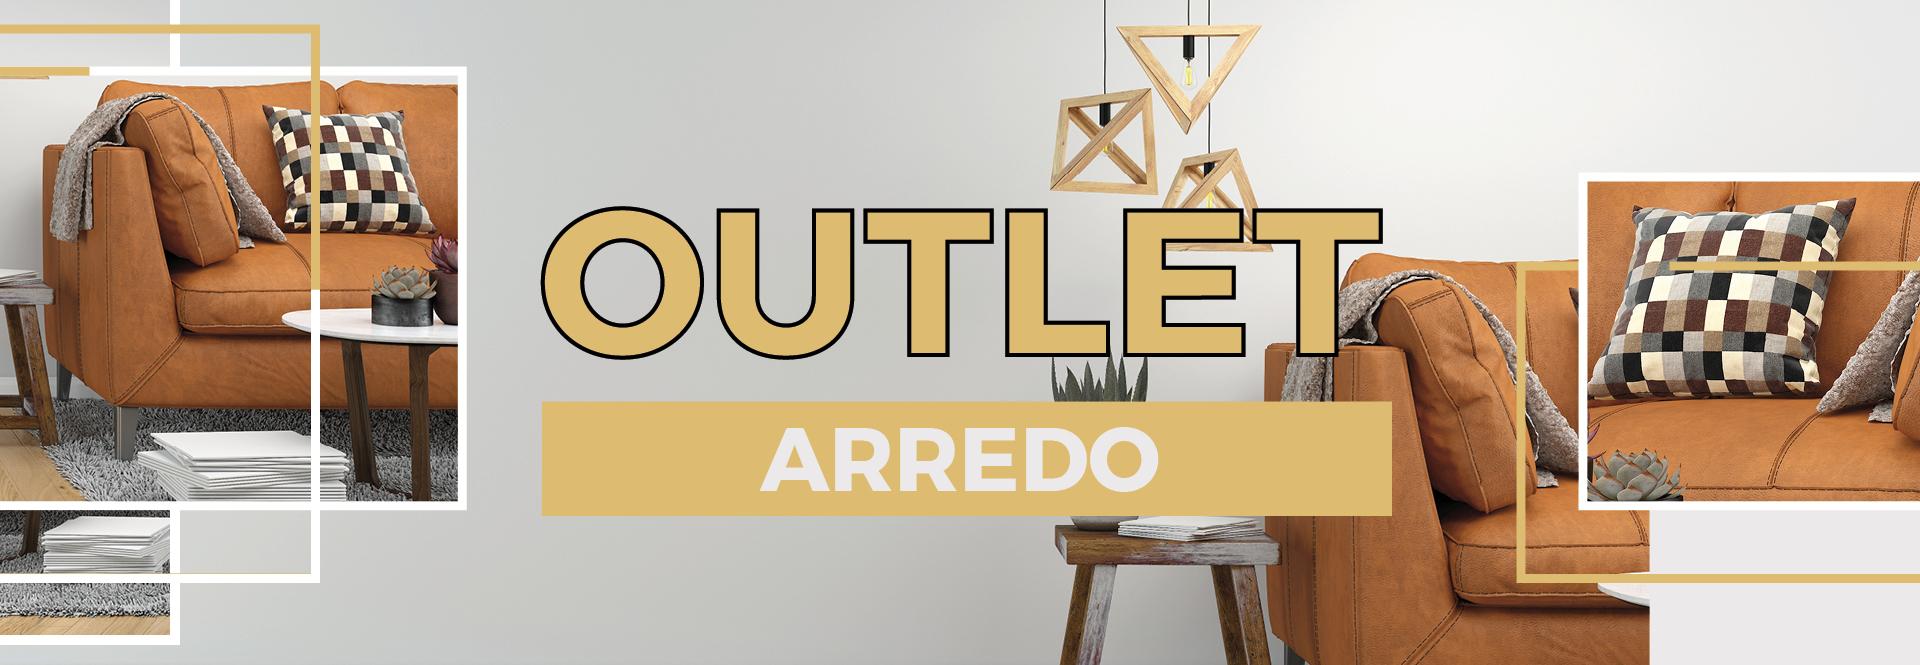 outlet arredo